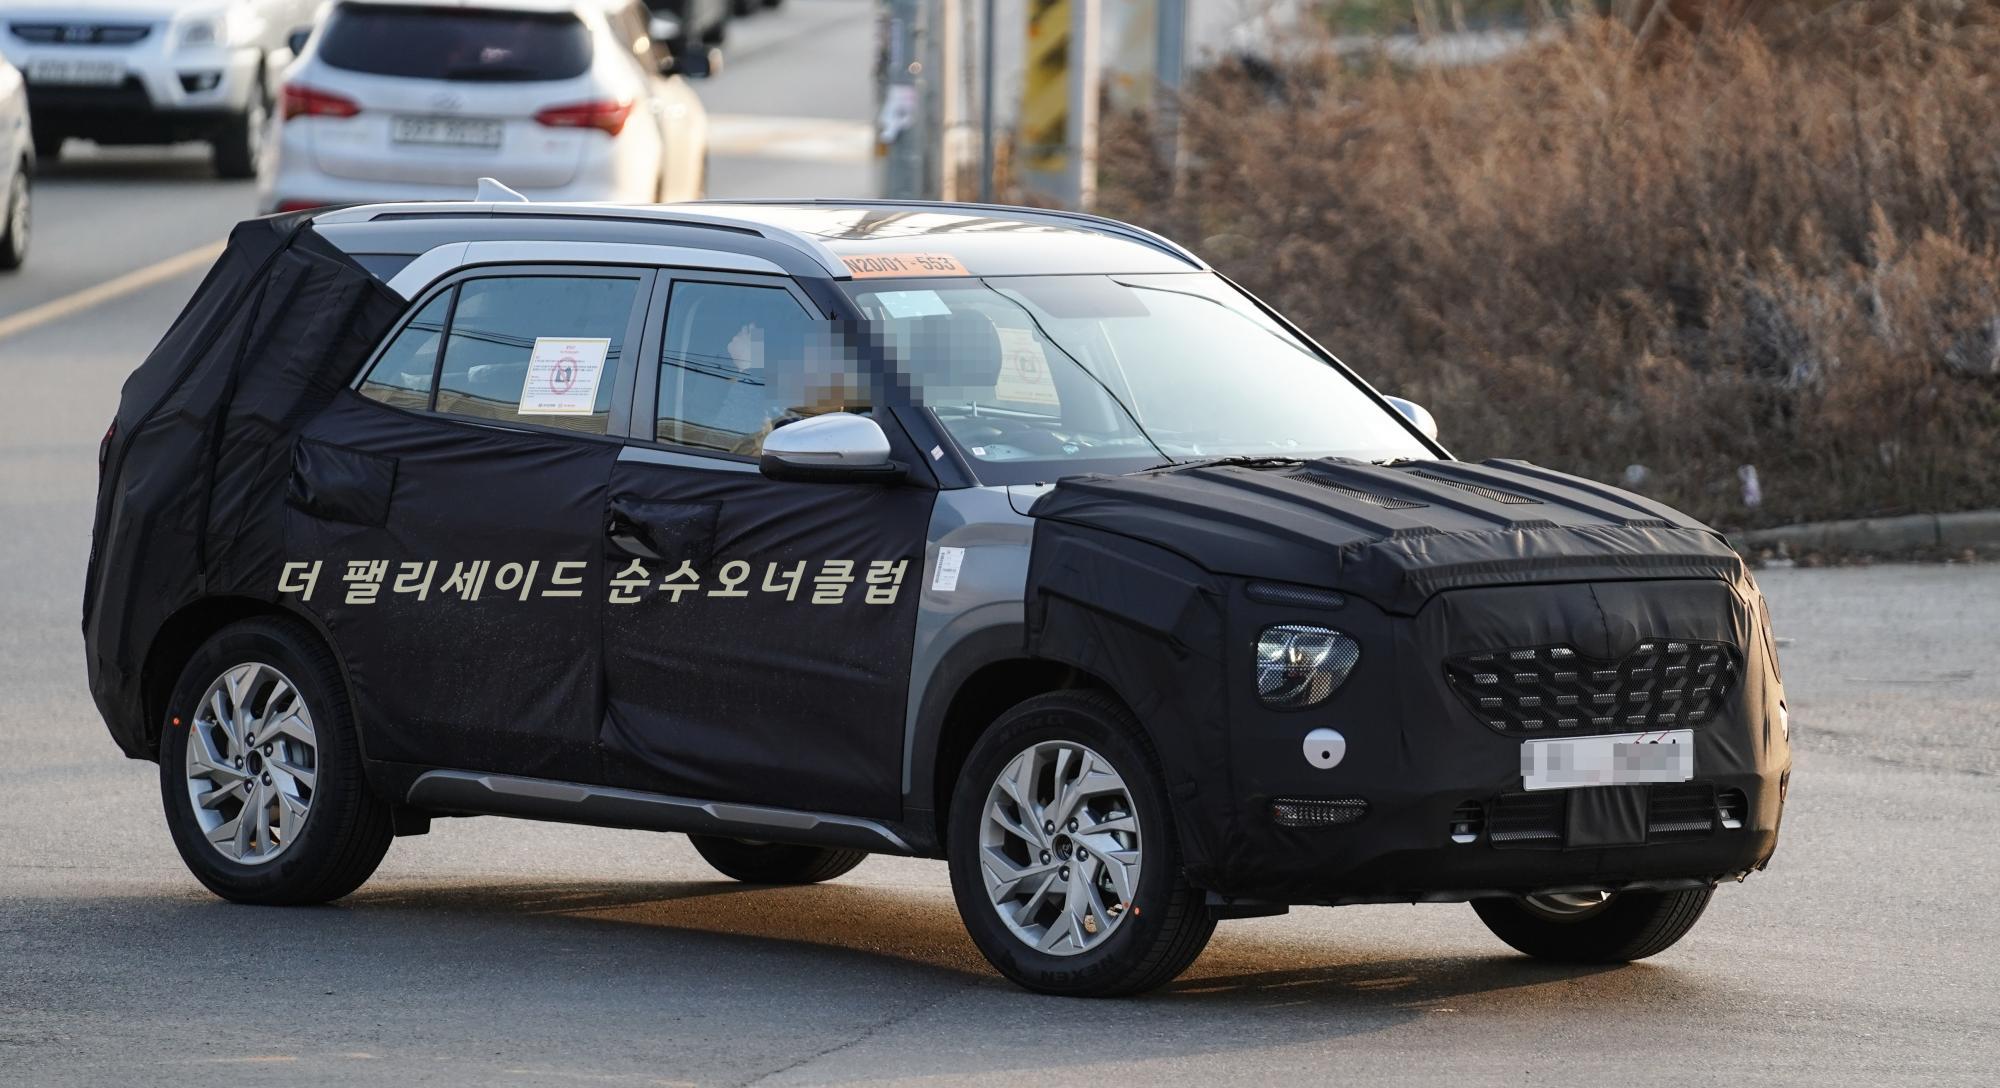 2020 - [Hyundai] Creta II/ IX25  - Page 2 7-seat-hyundai-creta-spy-shot-indianautosblog-com-4c7c